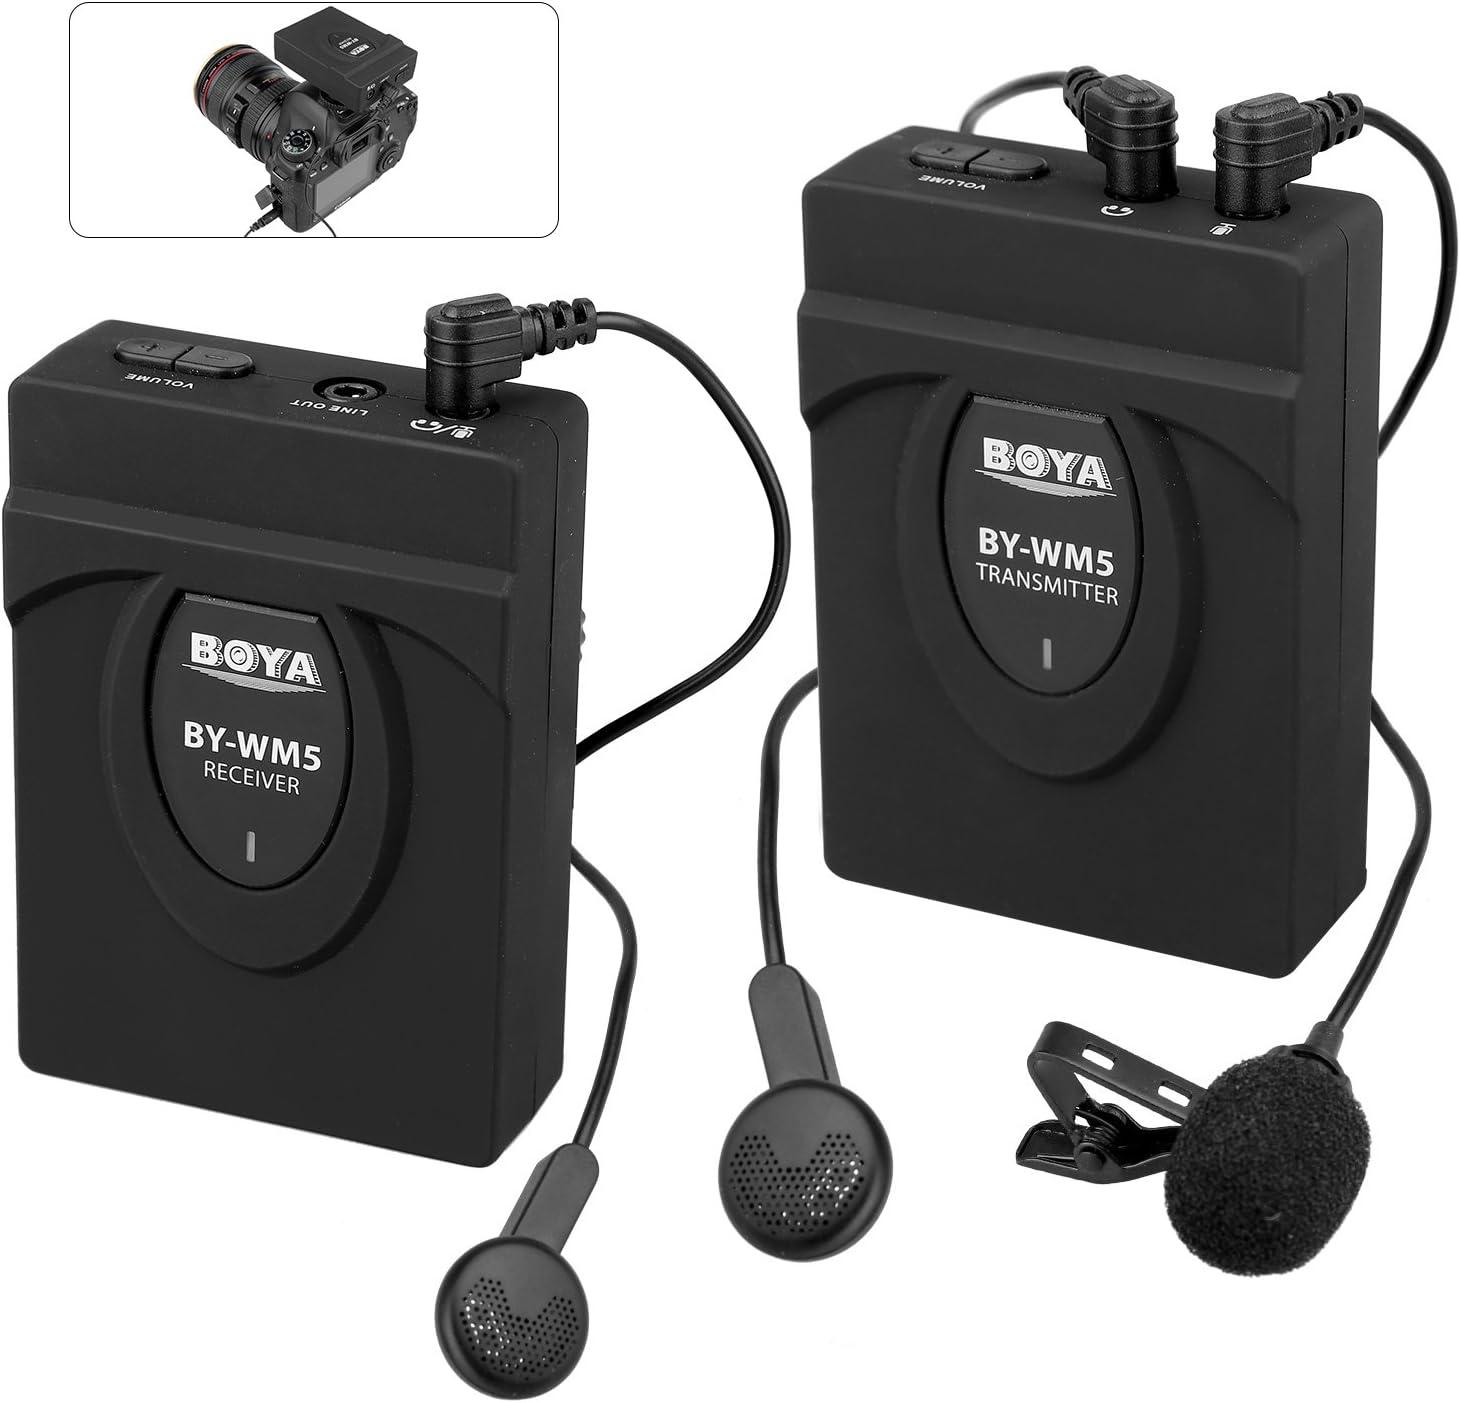 Micr/ófono Boya BY-WM5 Lavalier Wireless UHF sin cable